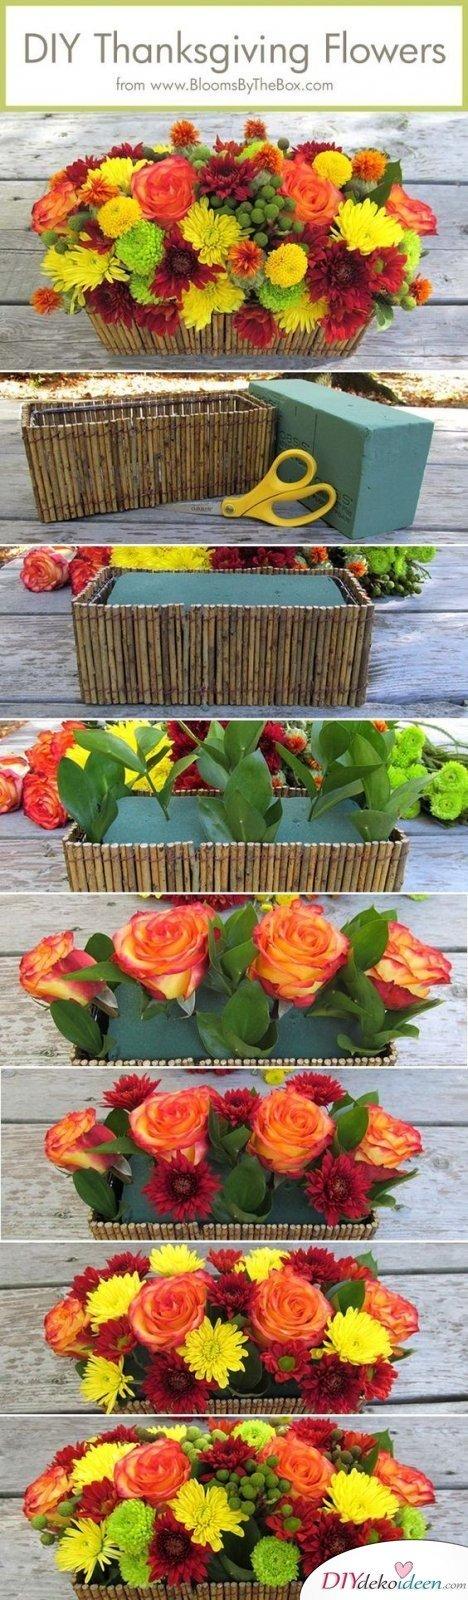 Erntedankfest Deko selber machen - Deko mit Blumen